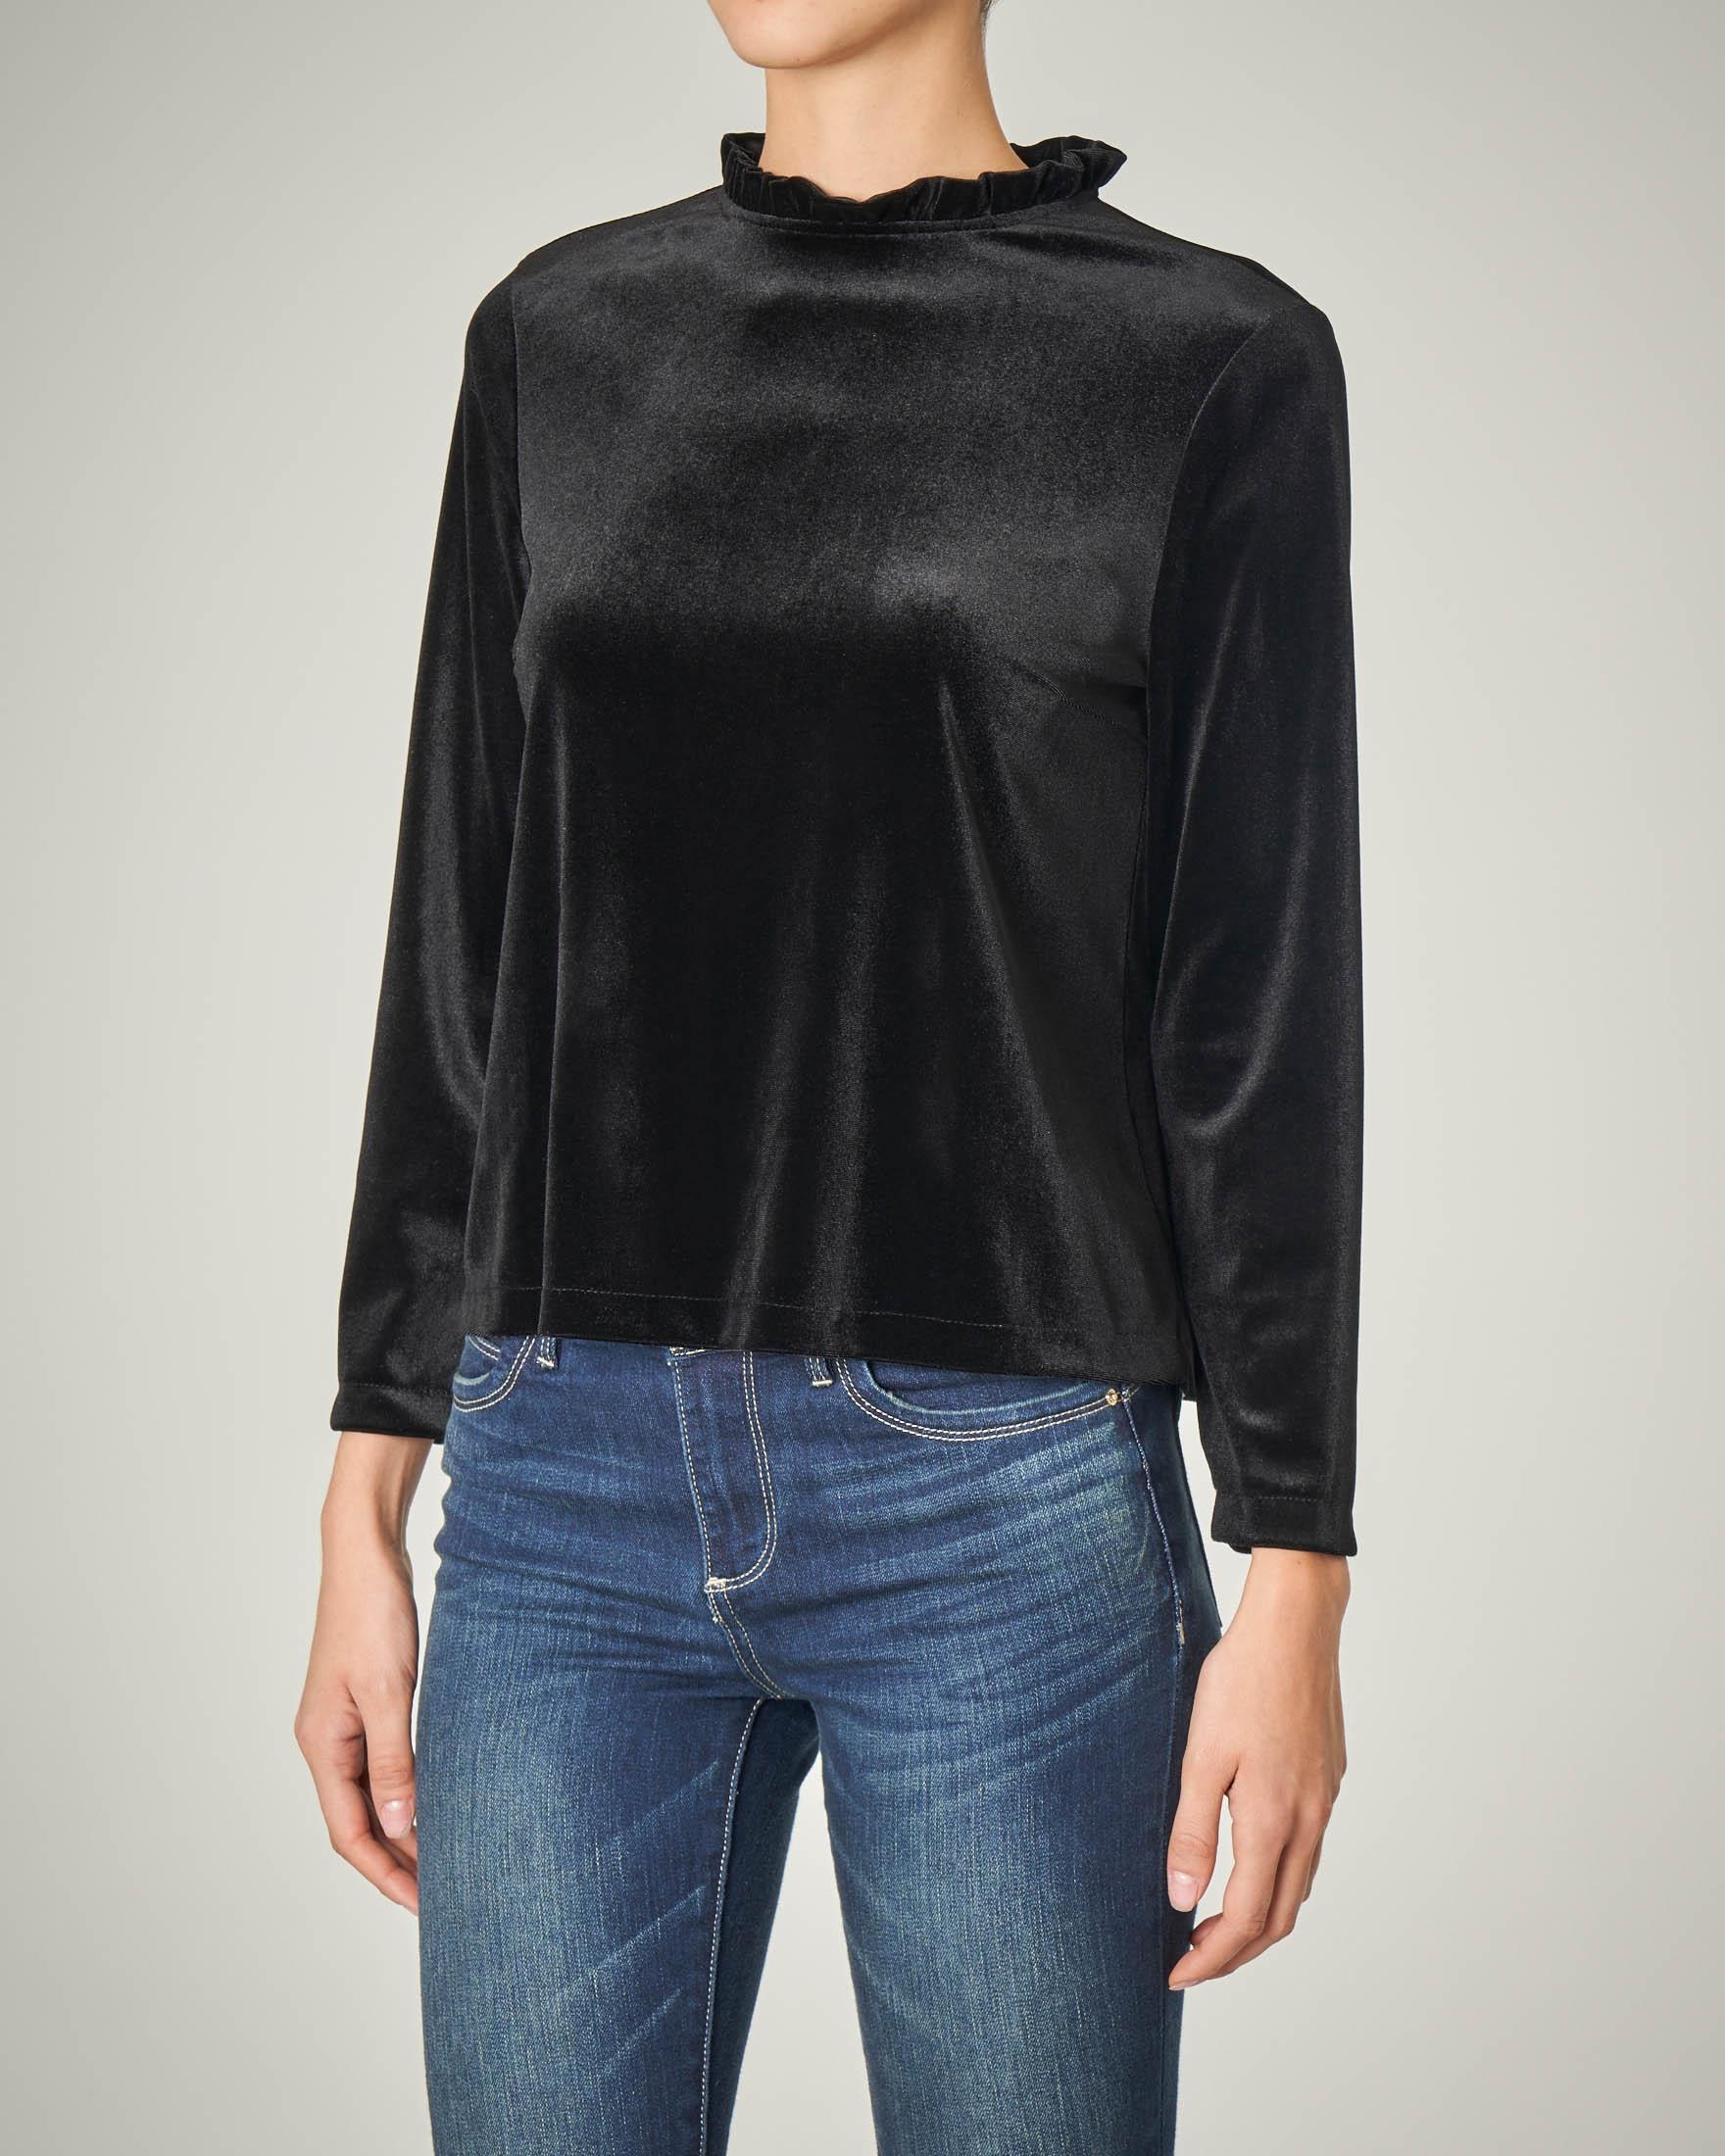 Blusa in velluto nero con rouches sul collo